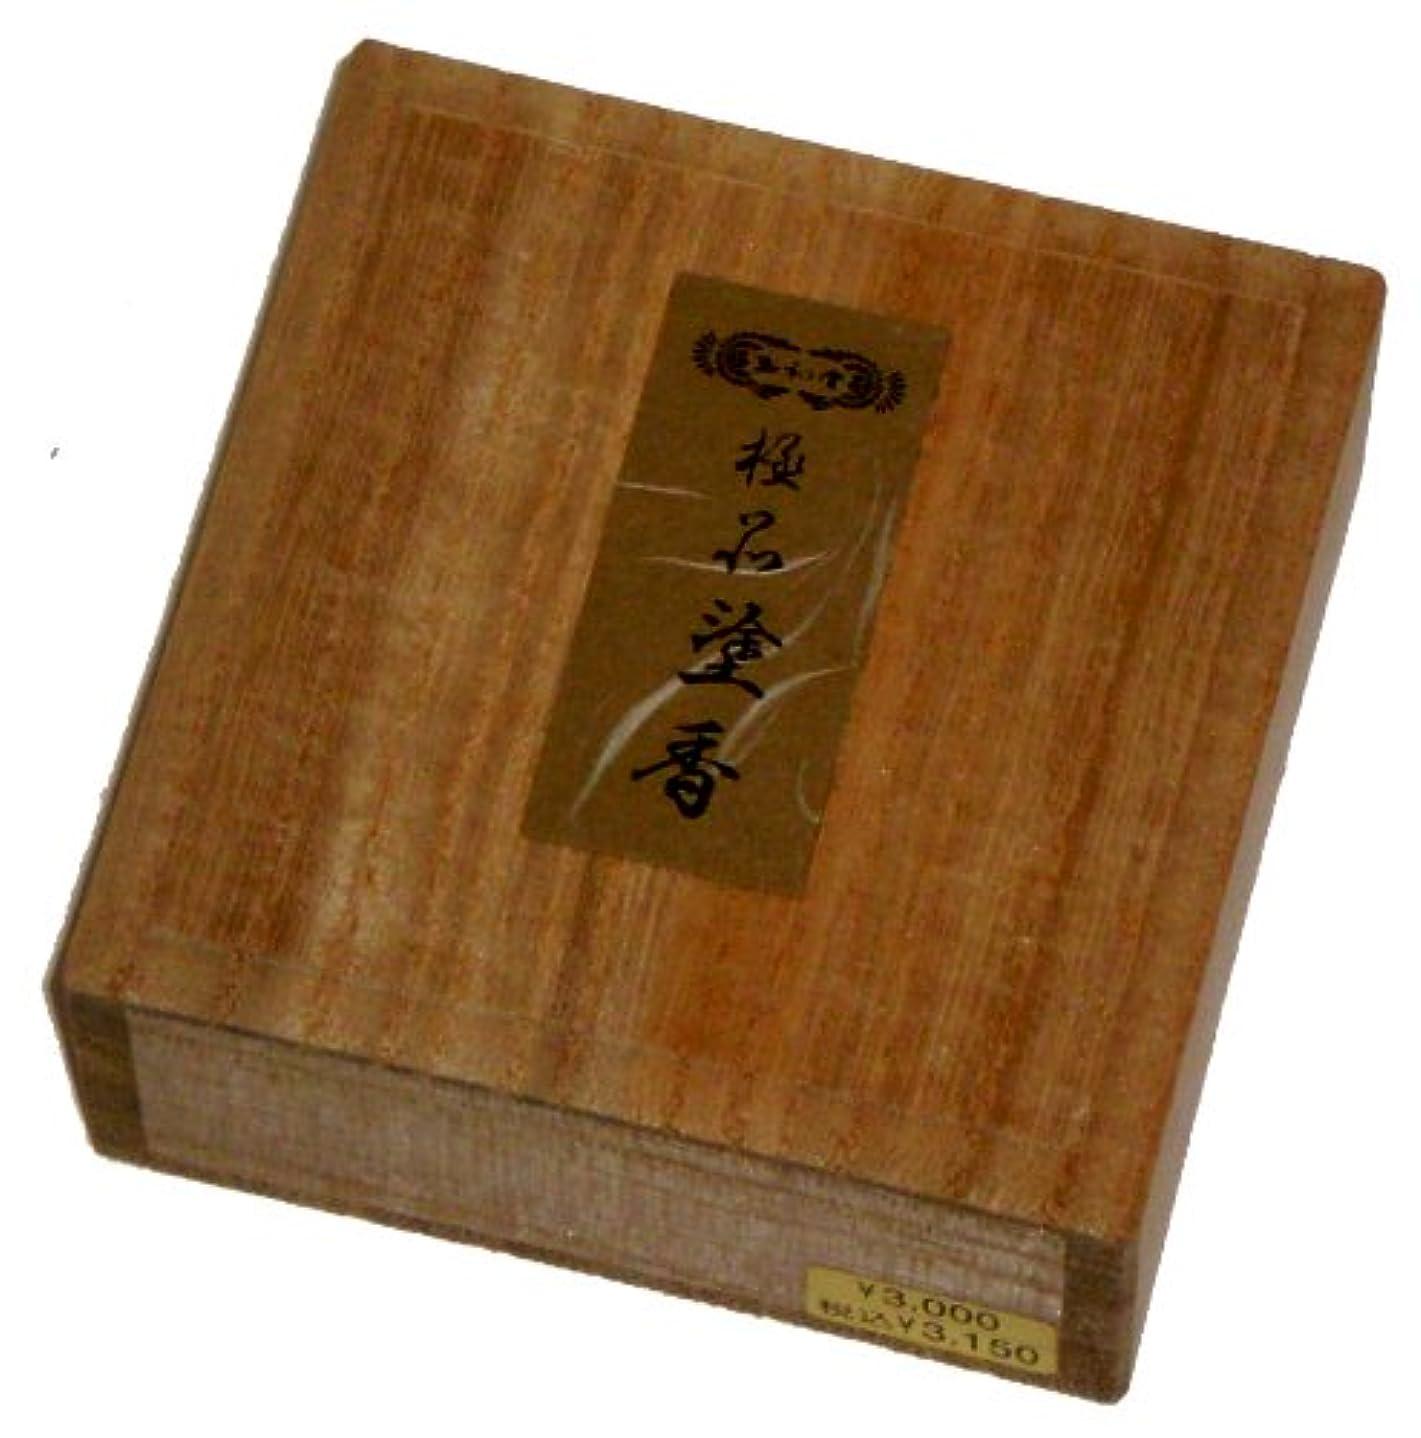 試験眉習慣玉初堂のお香 極品塗香 15g 桐箱 #835